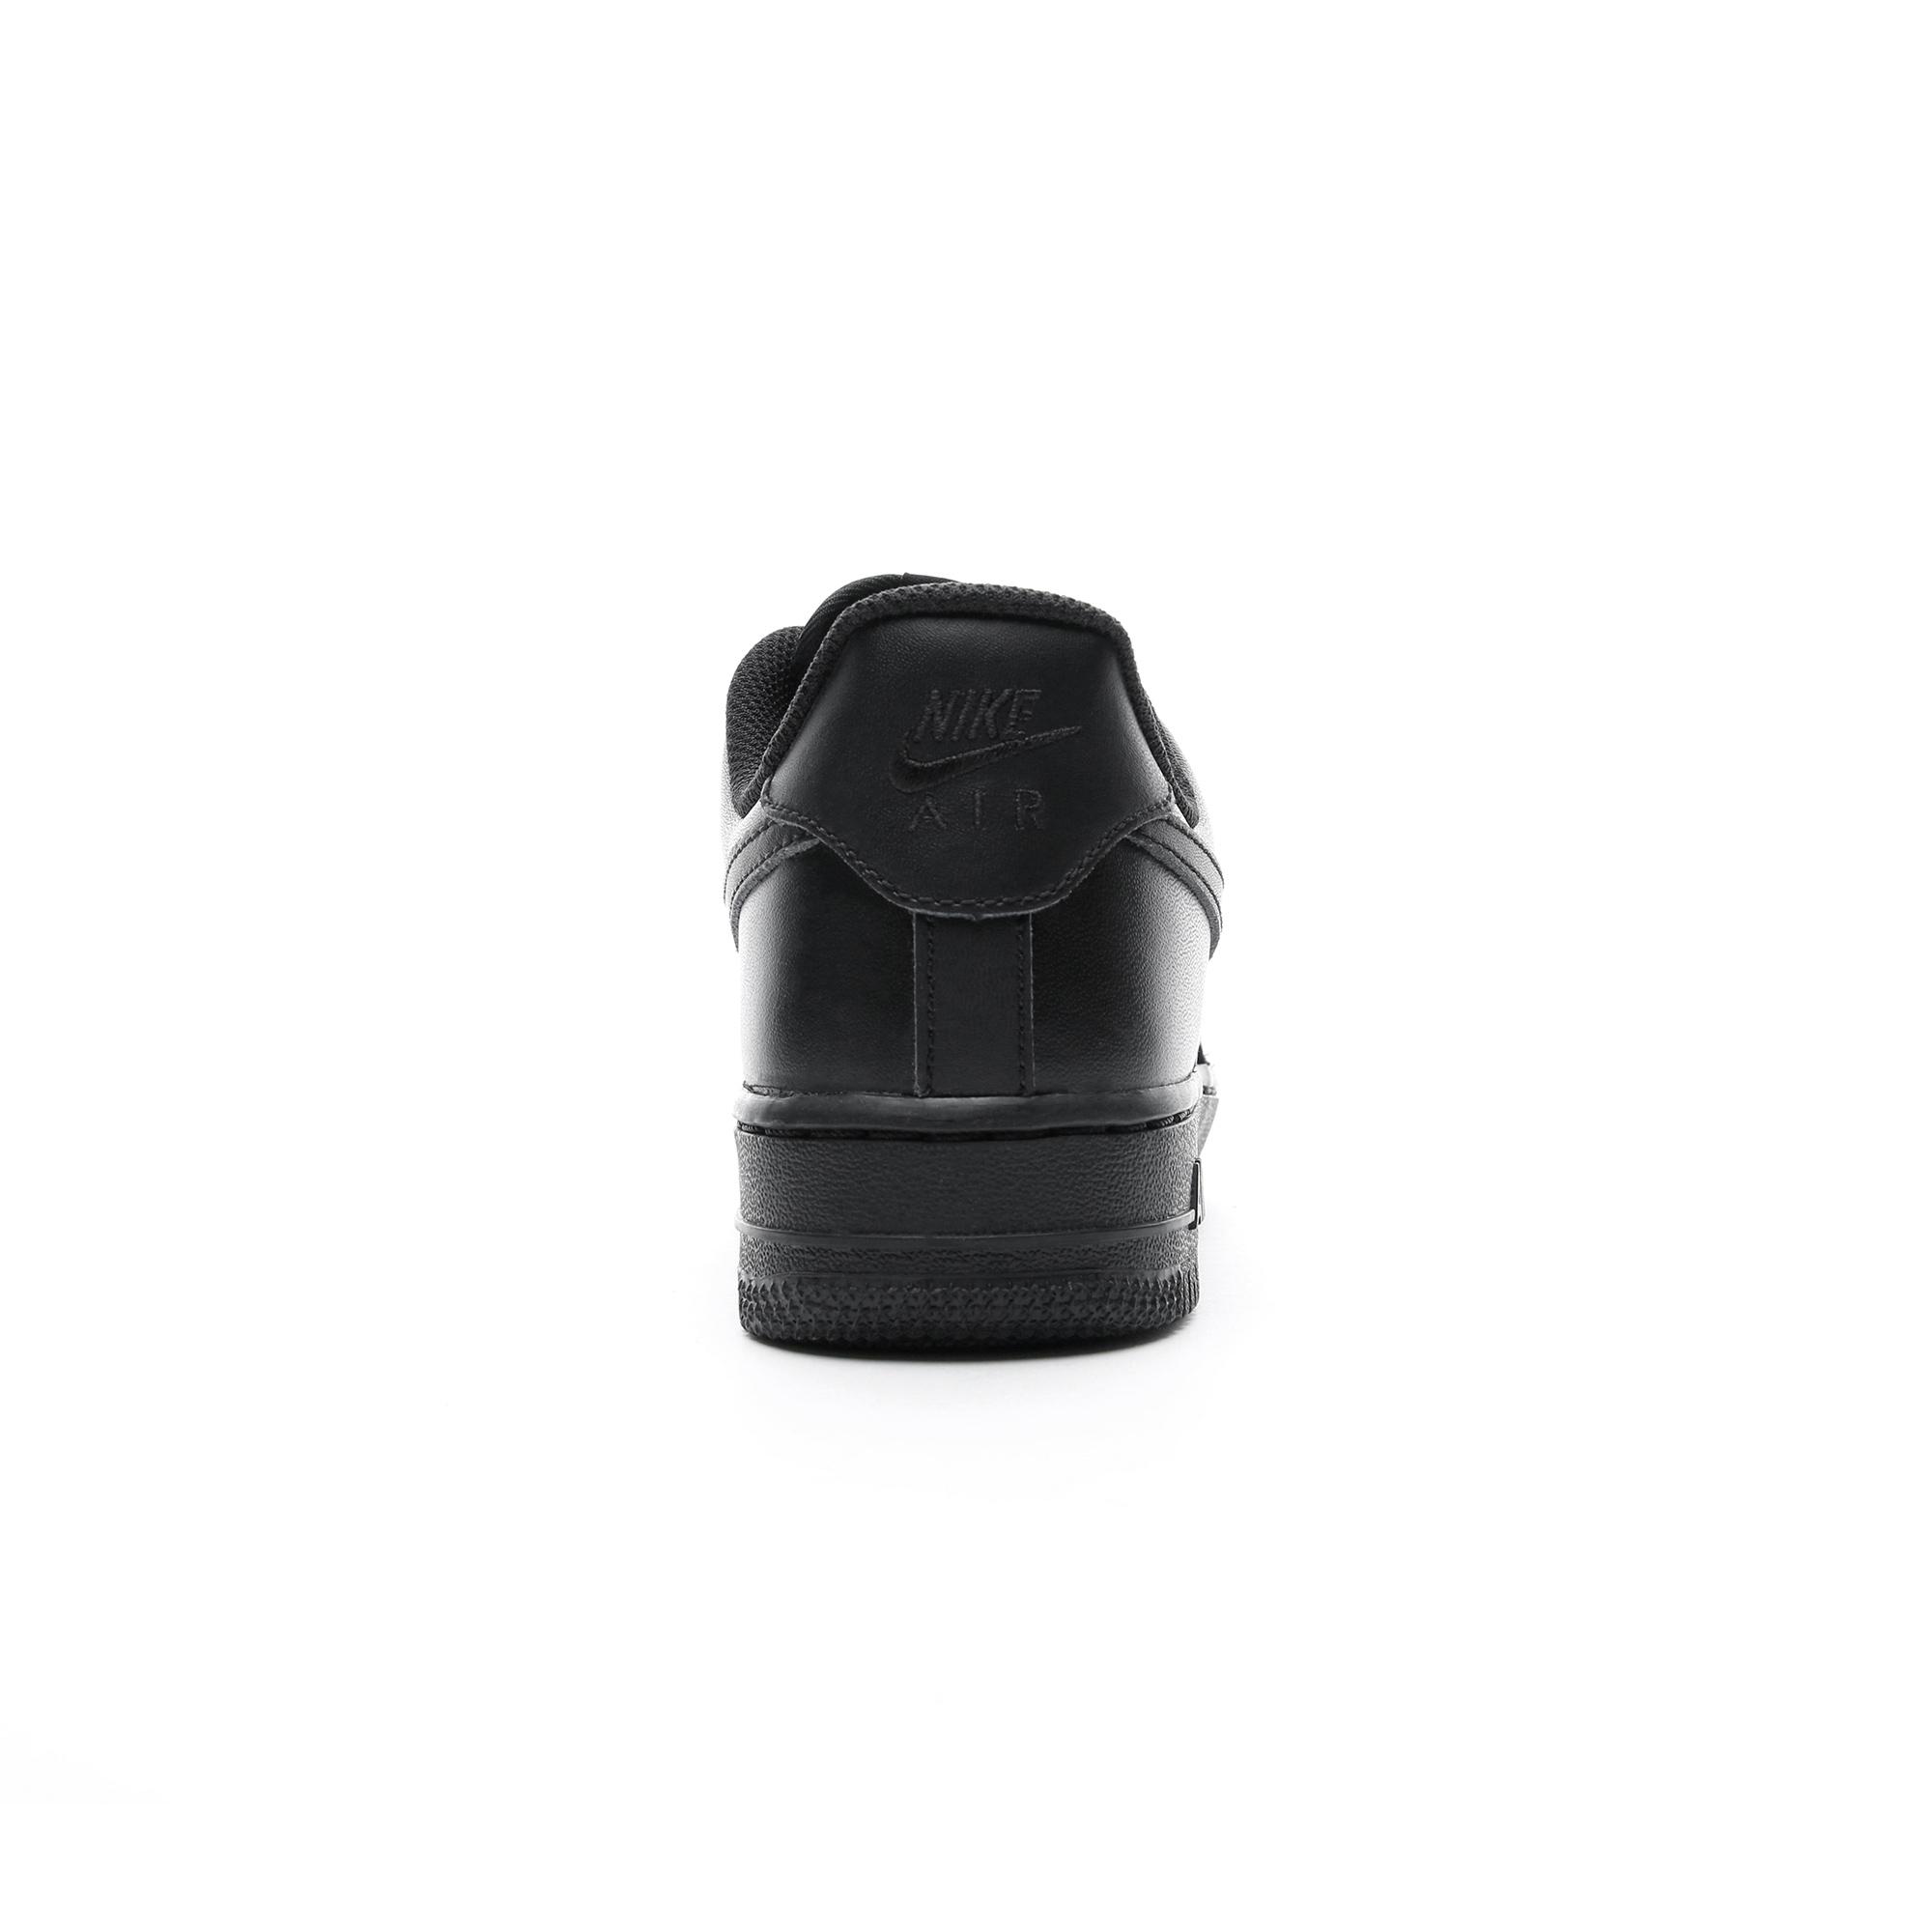 Nike Air Force 1 '07 Kadın Siyah Sneaker